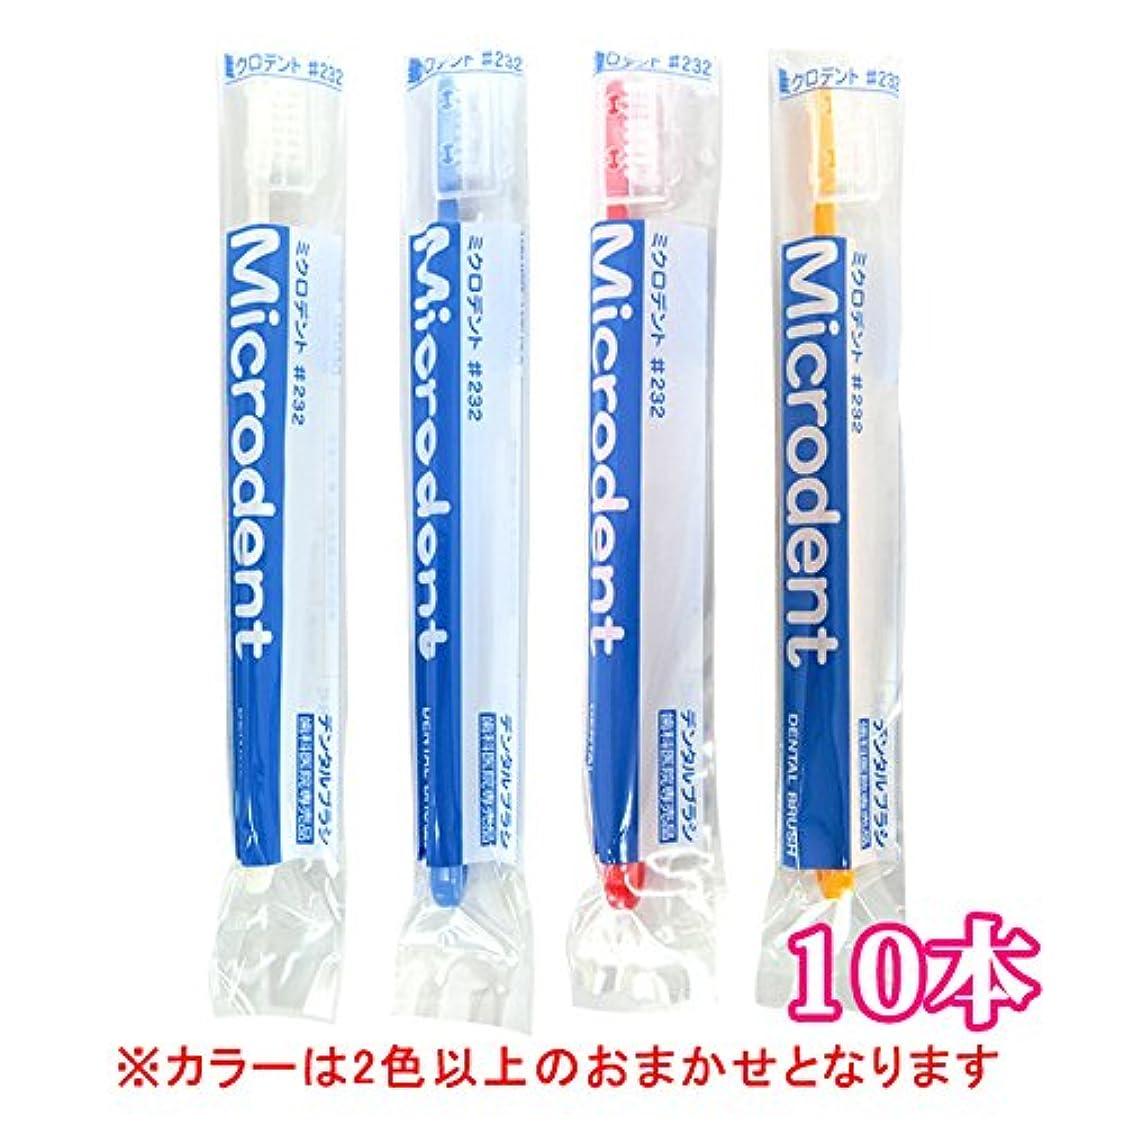 アルファベット順企業円形ミクロデント(Microdent) 10本 (#232)【毛の硬さ:ふつう】歯科専売品